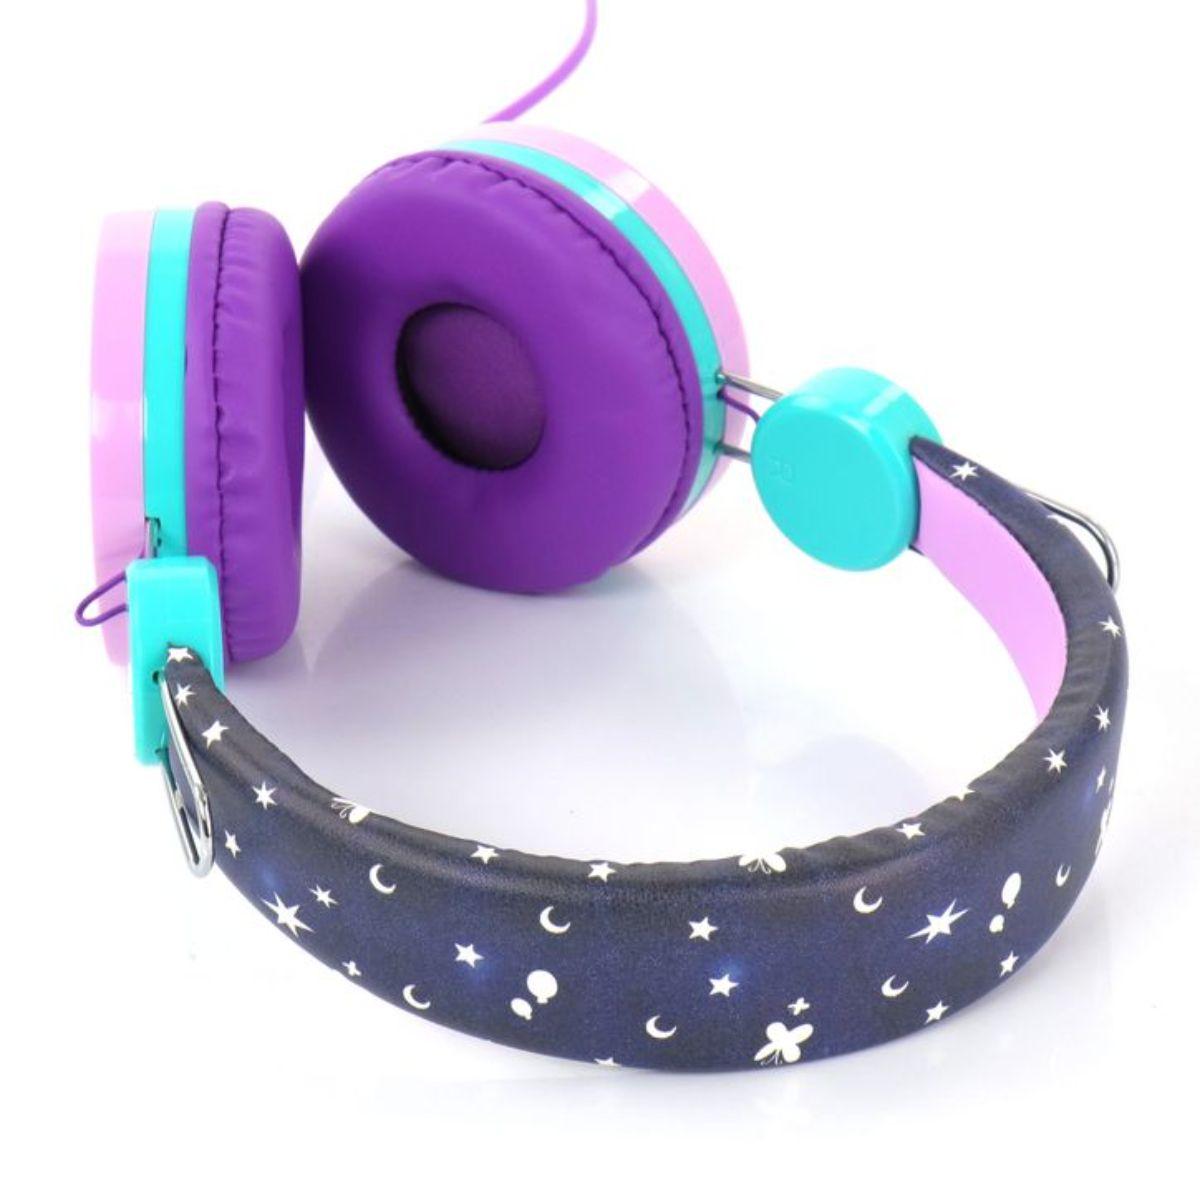 audifonos my little pony 2 1 1